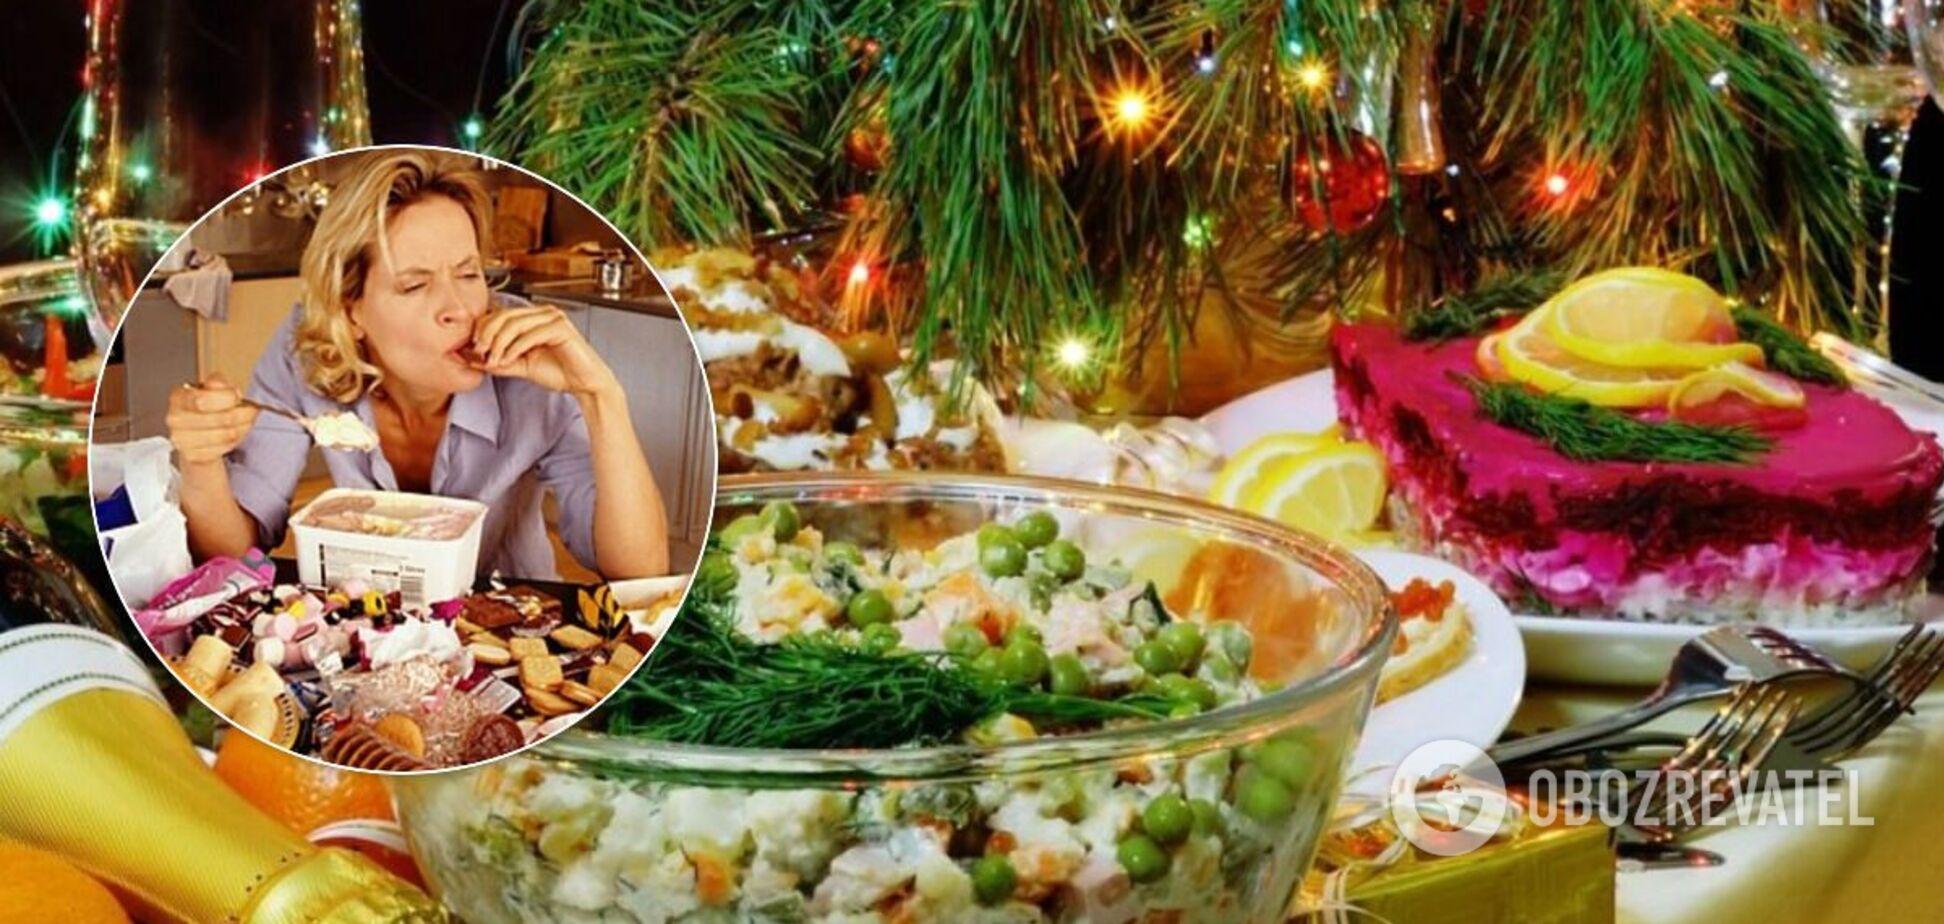 Новый год и лишние килограммы: озвучены полезные советы